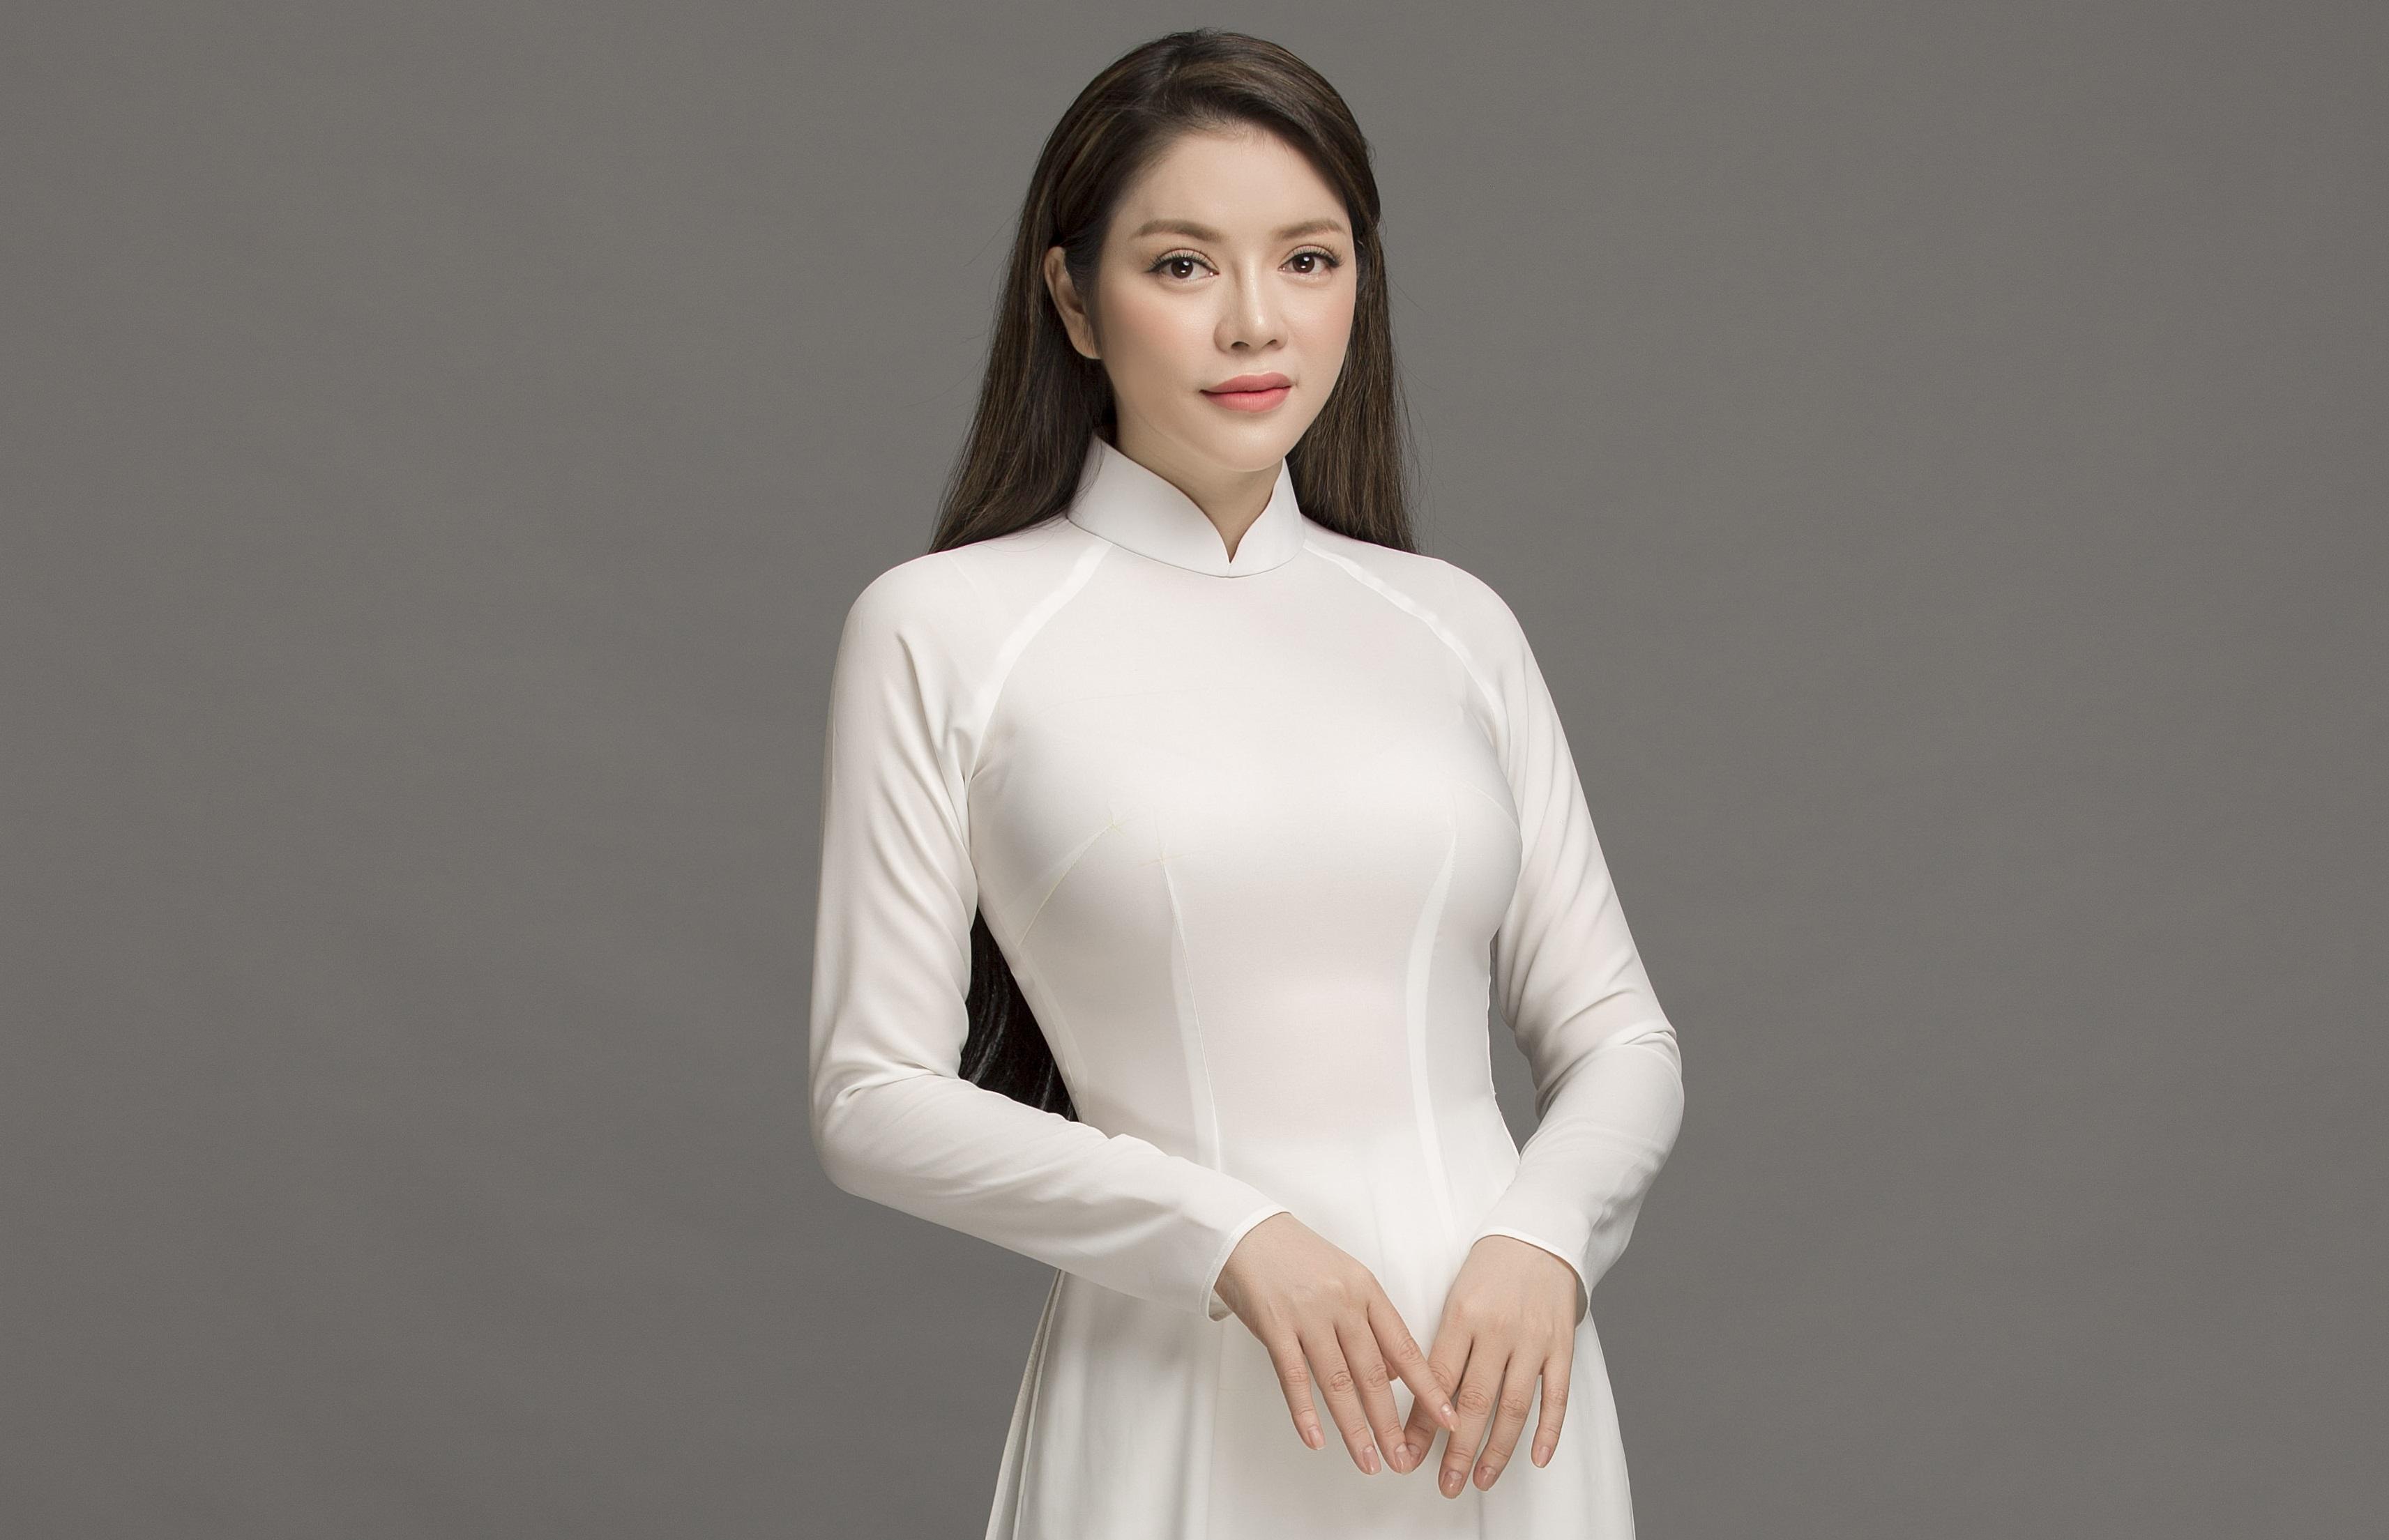 Lý Nhã Kỳ nền nã áo dài trắng nữ sinh với nhan sắc vượt thời gian